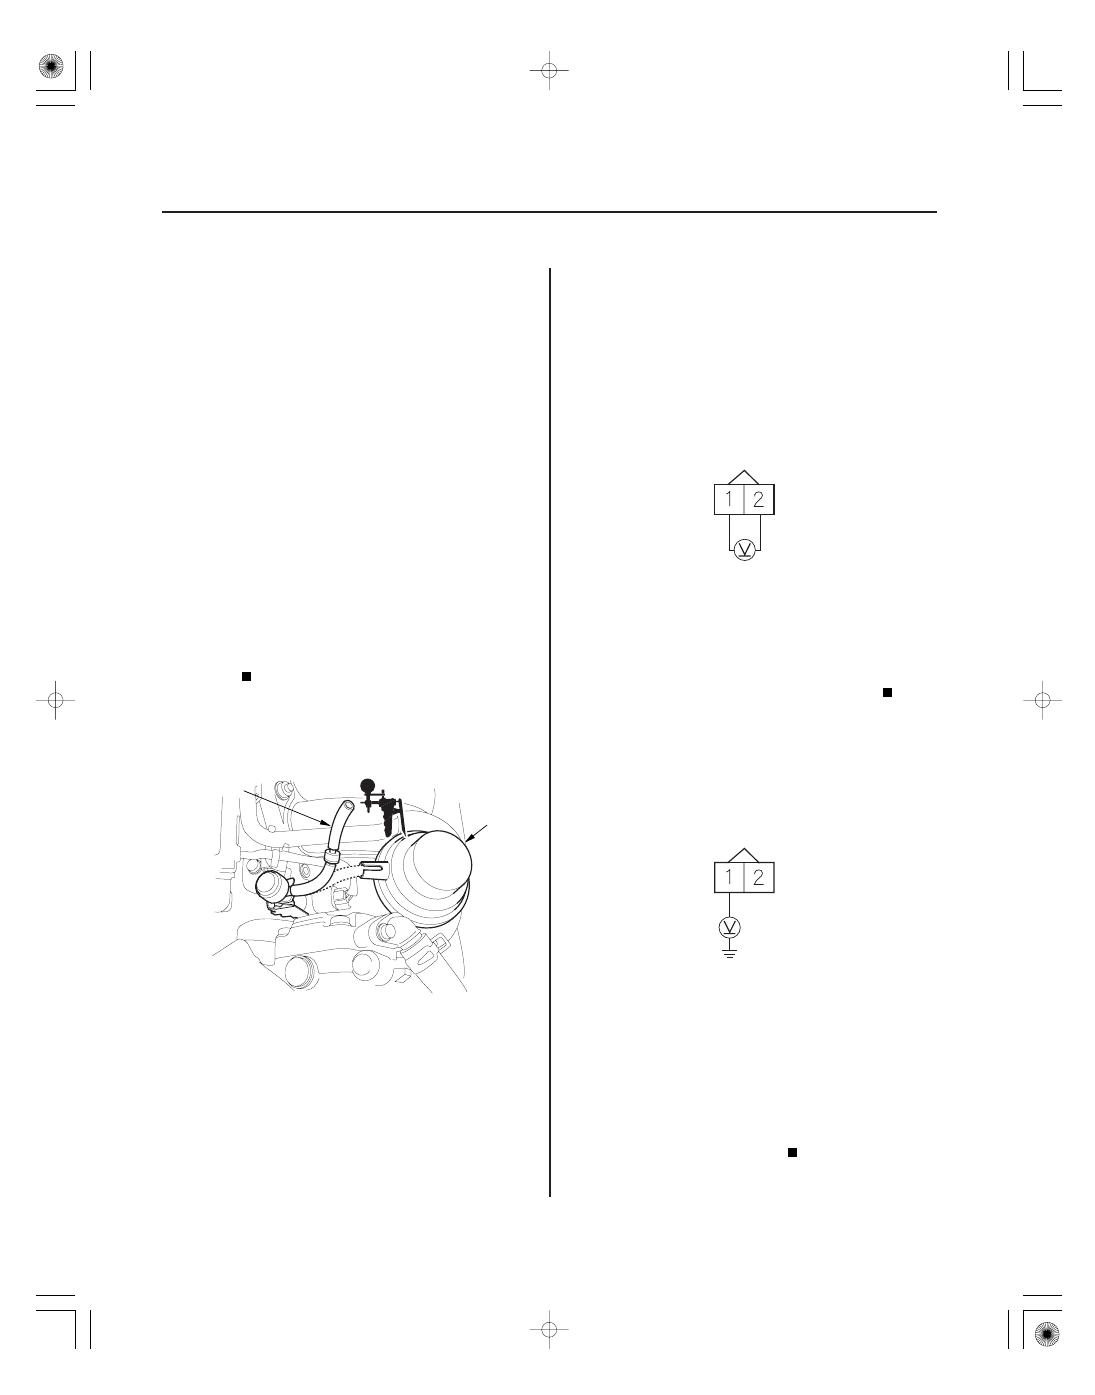 honda integra fuse box manual